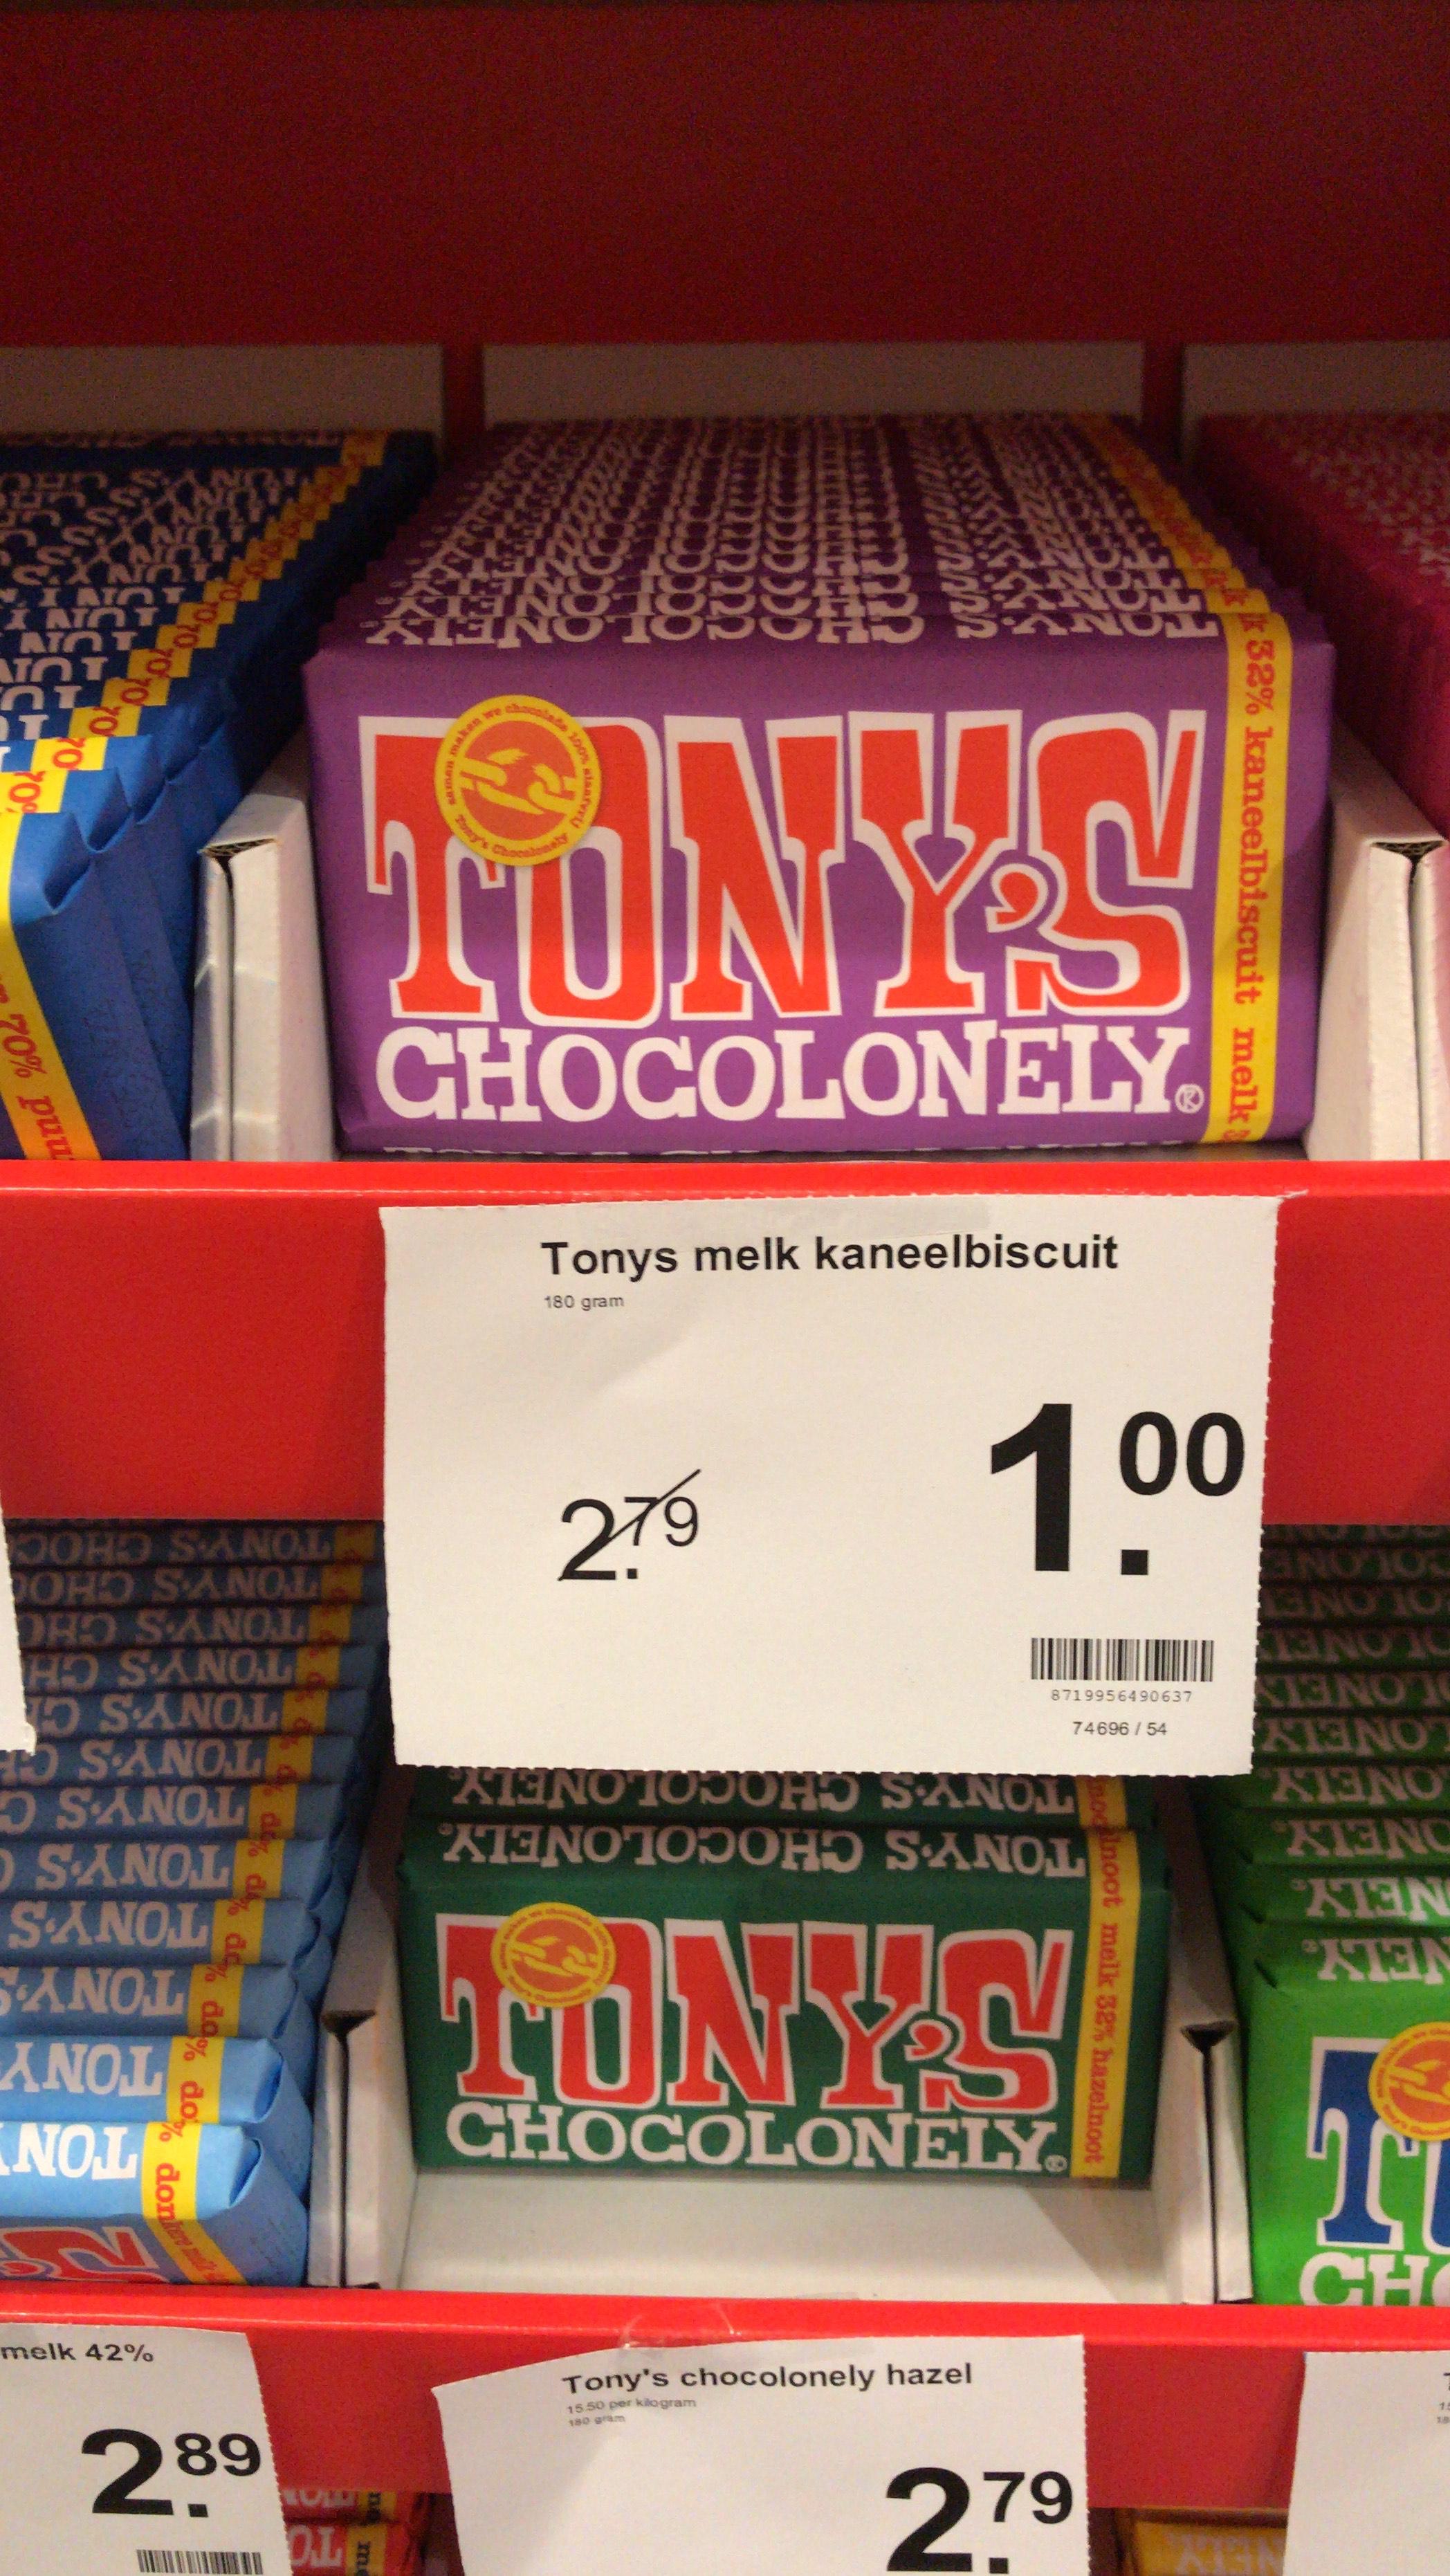 [Lokaal?] Tony's Chocolonely melk kaneelbiscuit bij AH Daalseweg